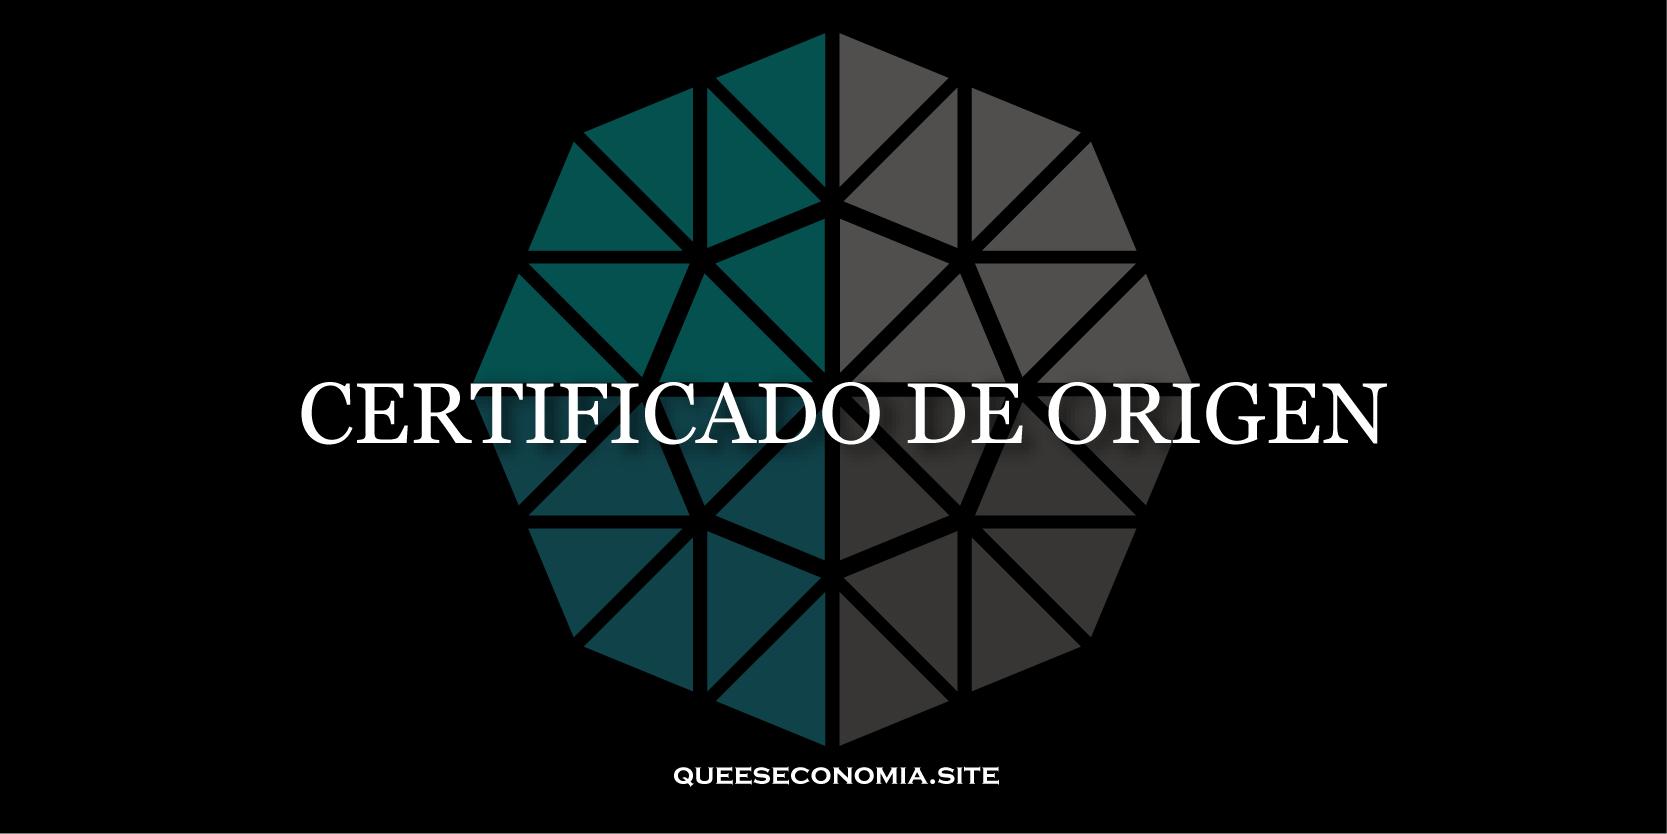 certificado de origen